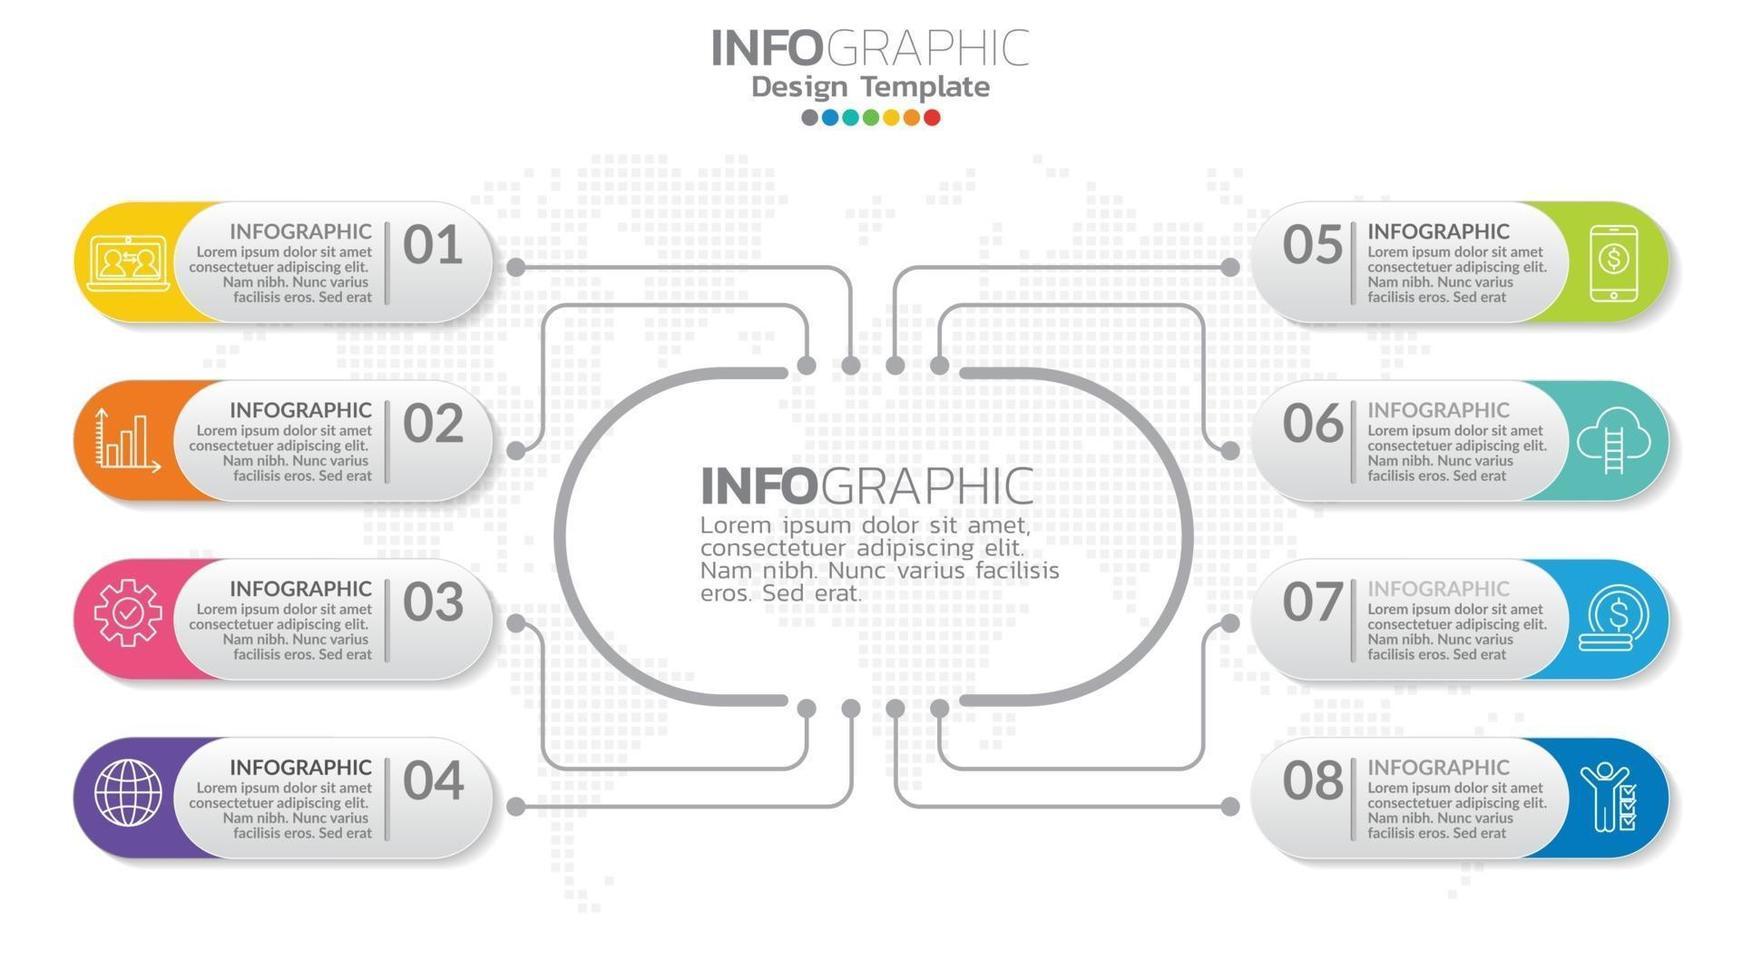 infográfico 8 elemento com círculo central. diagrama gráfico gráfico, design gráfico de cronograma de negócios com ícones. vetor